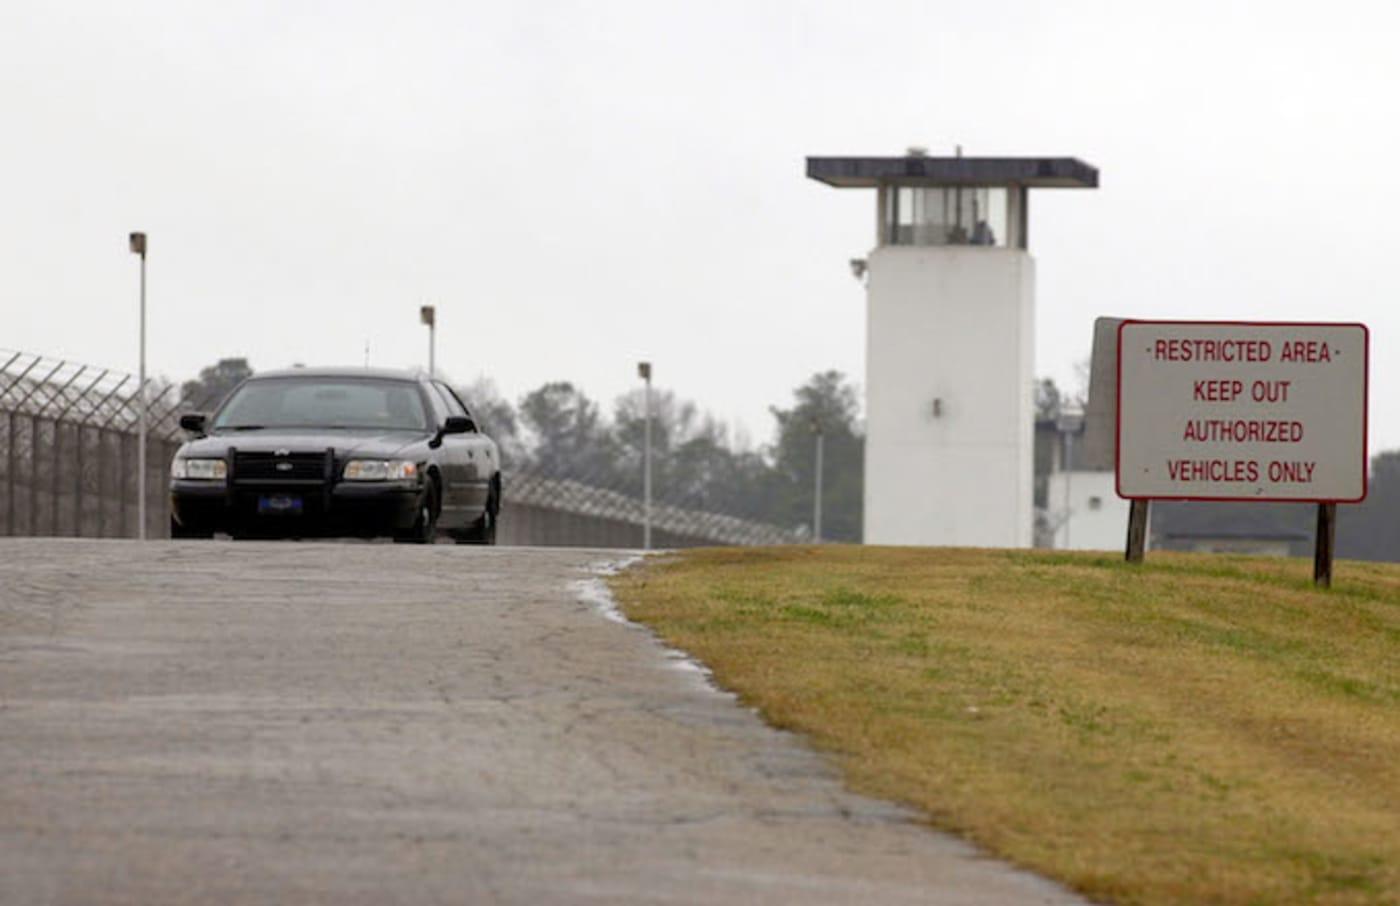 Georgia Diagnostic Prison